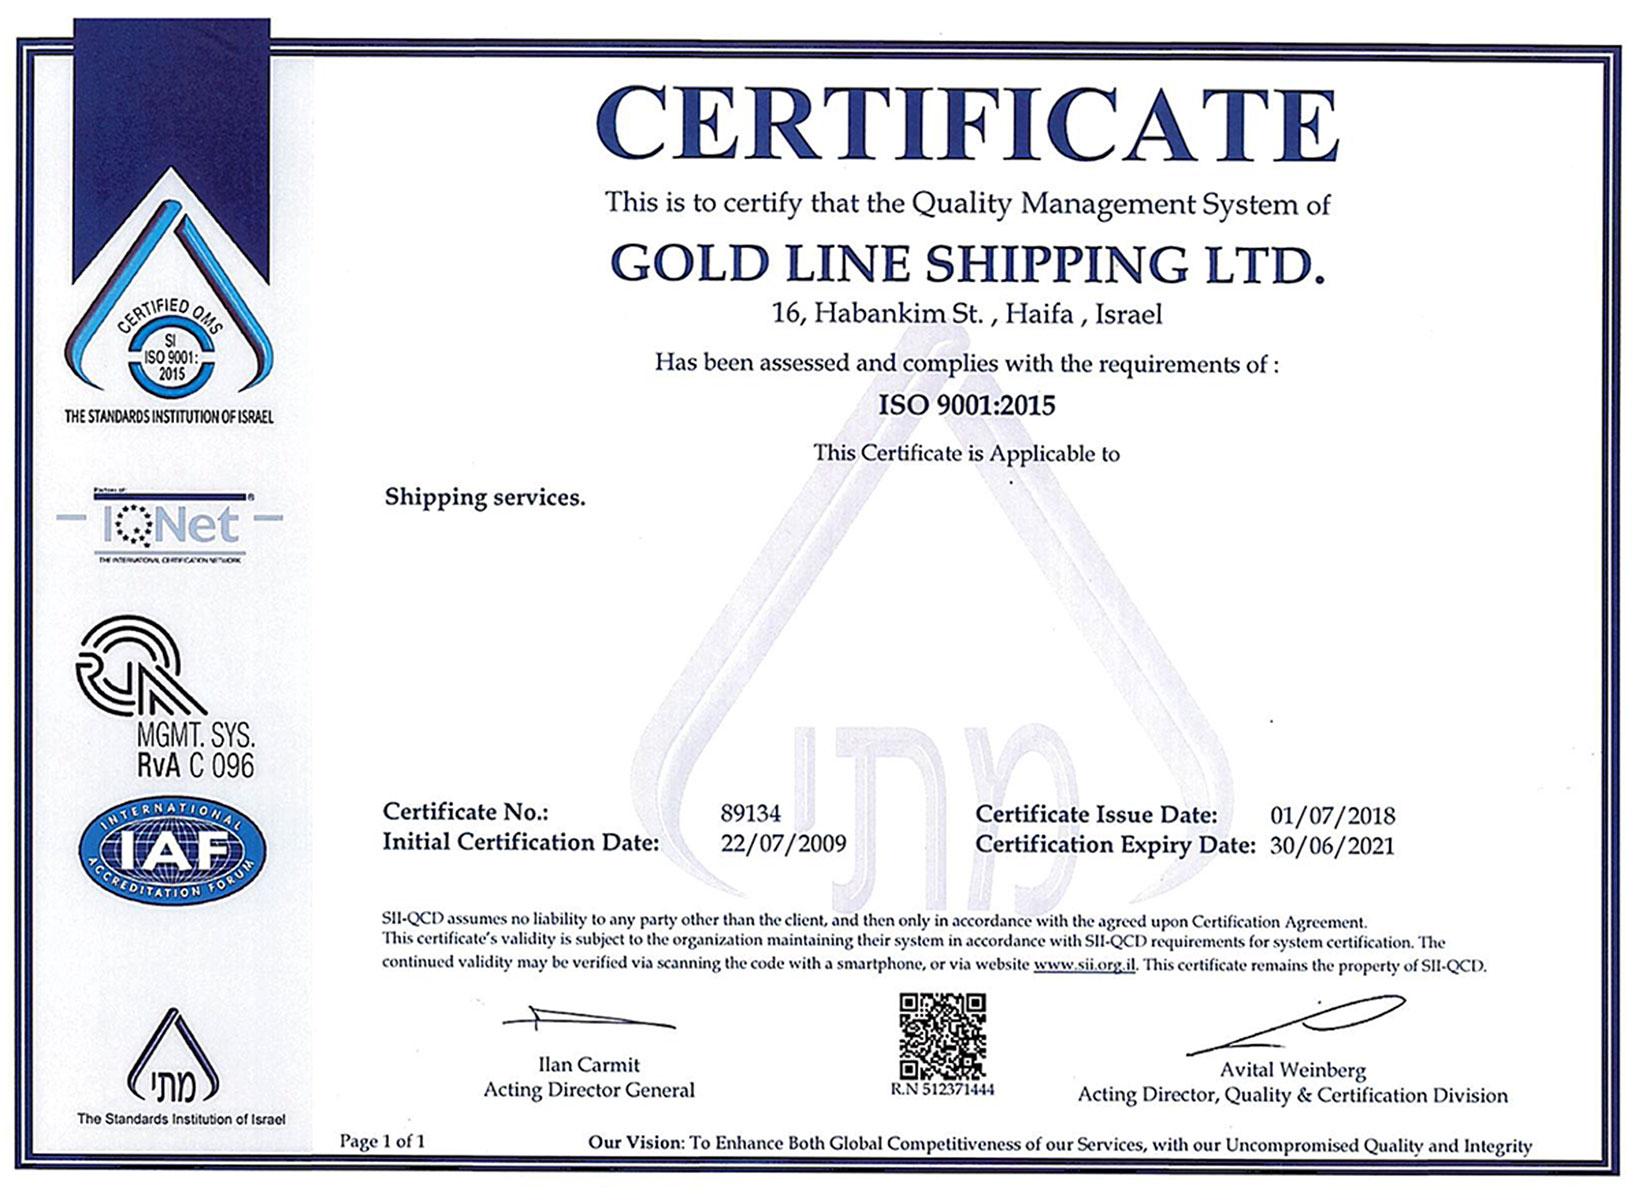 GLS - ISO 9001 CERTIFICATE